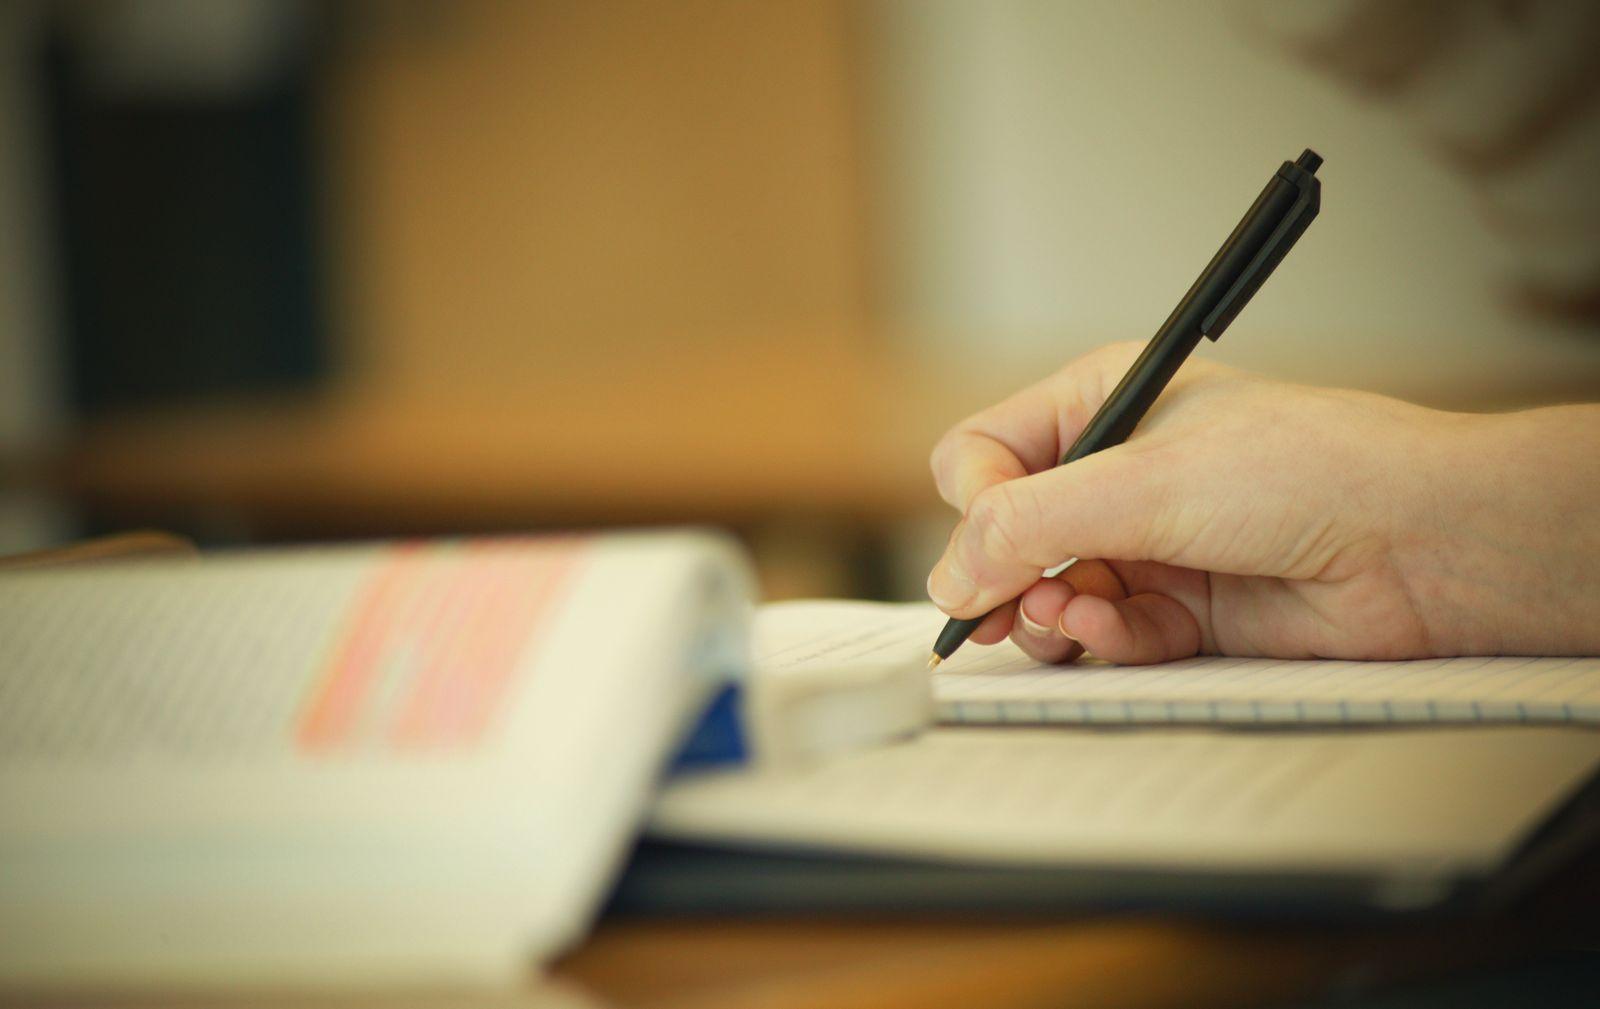 NICHT MEHR VERWENDEN! - Lernen / Bücher / Schreiben / Stift